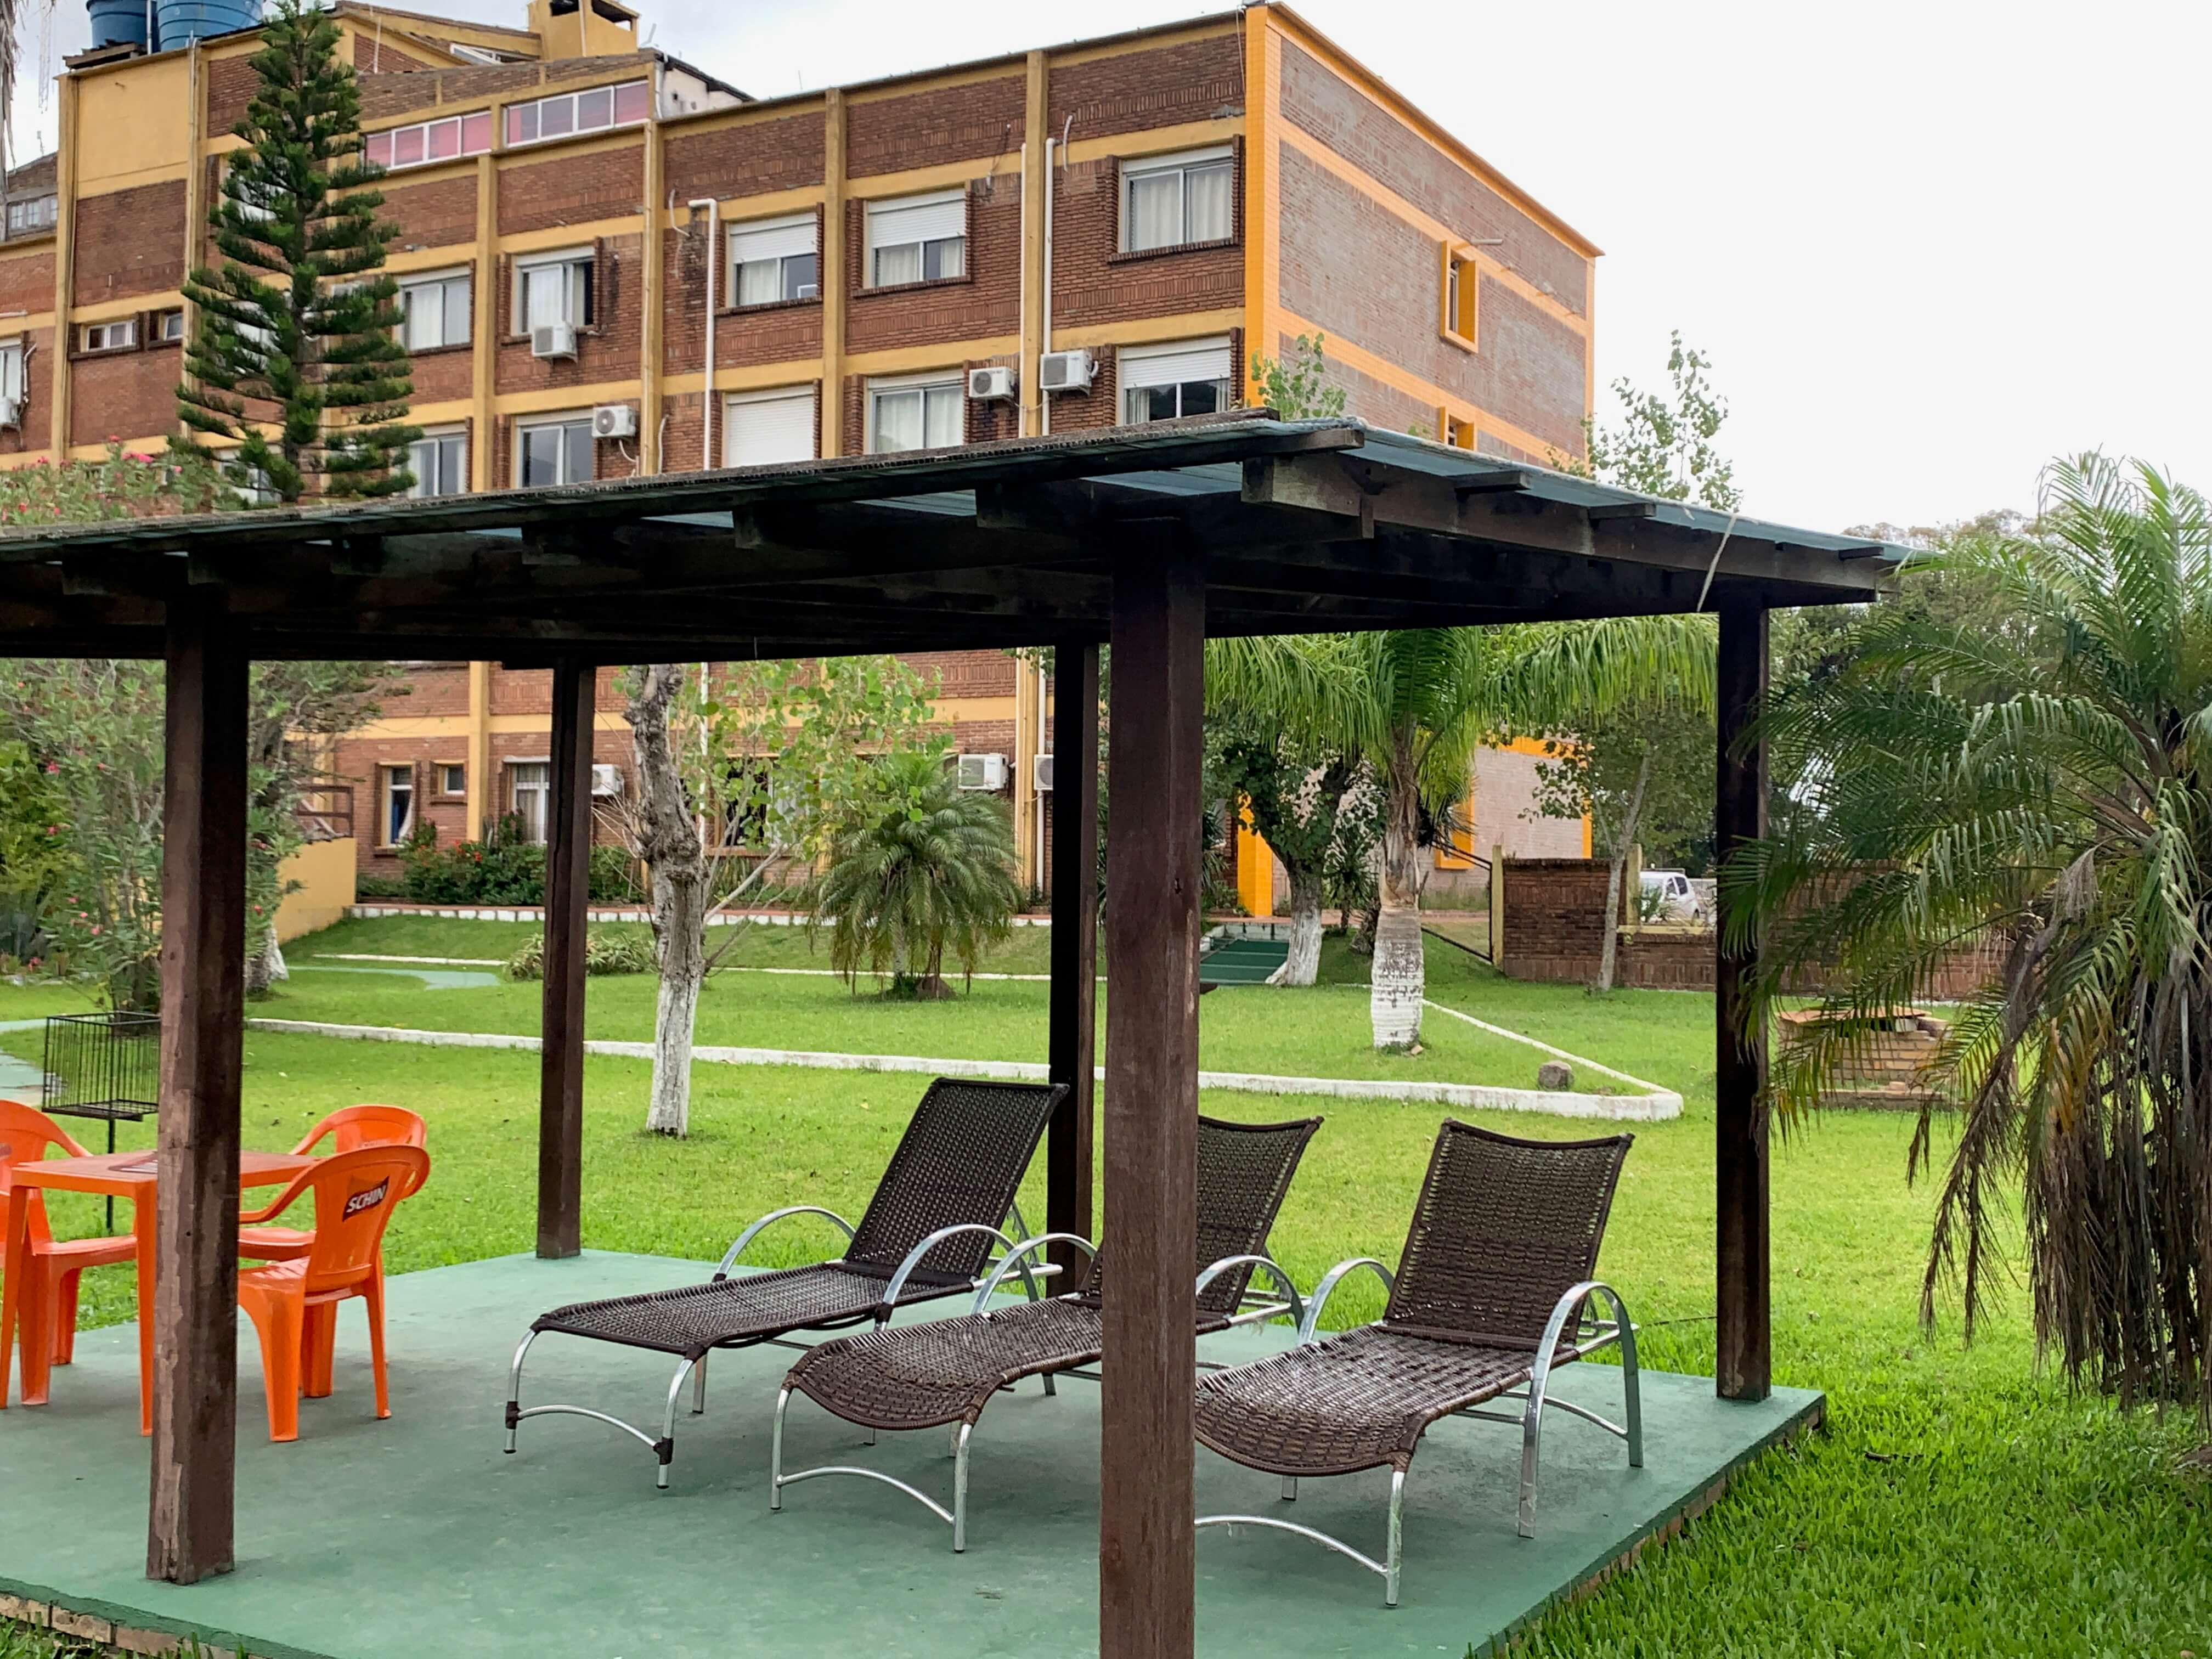 Parte externa do hotel Bertelli, com pergolado, cadeiras, árvores e área verde